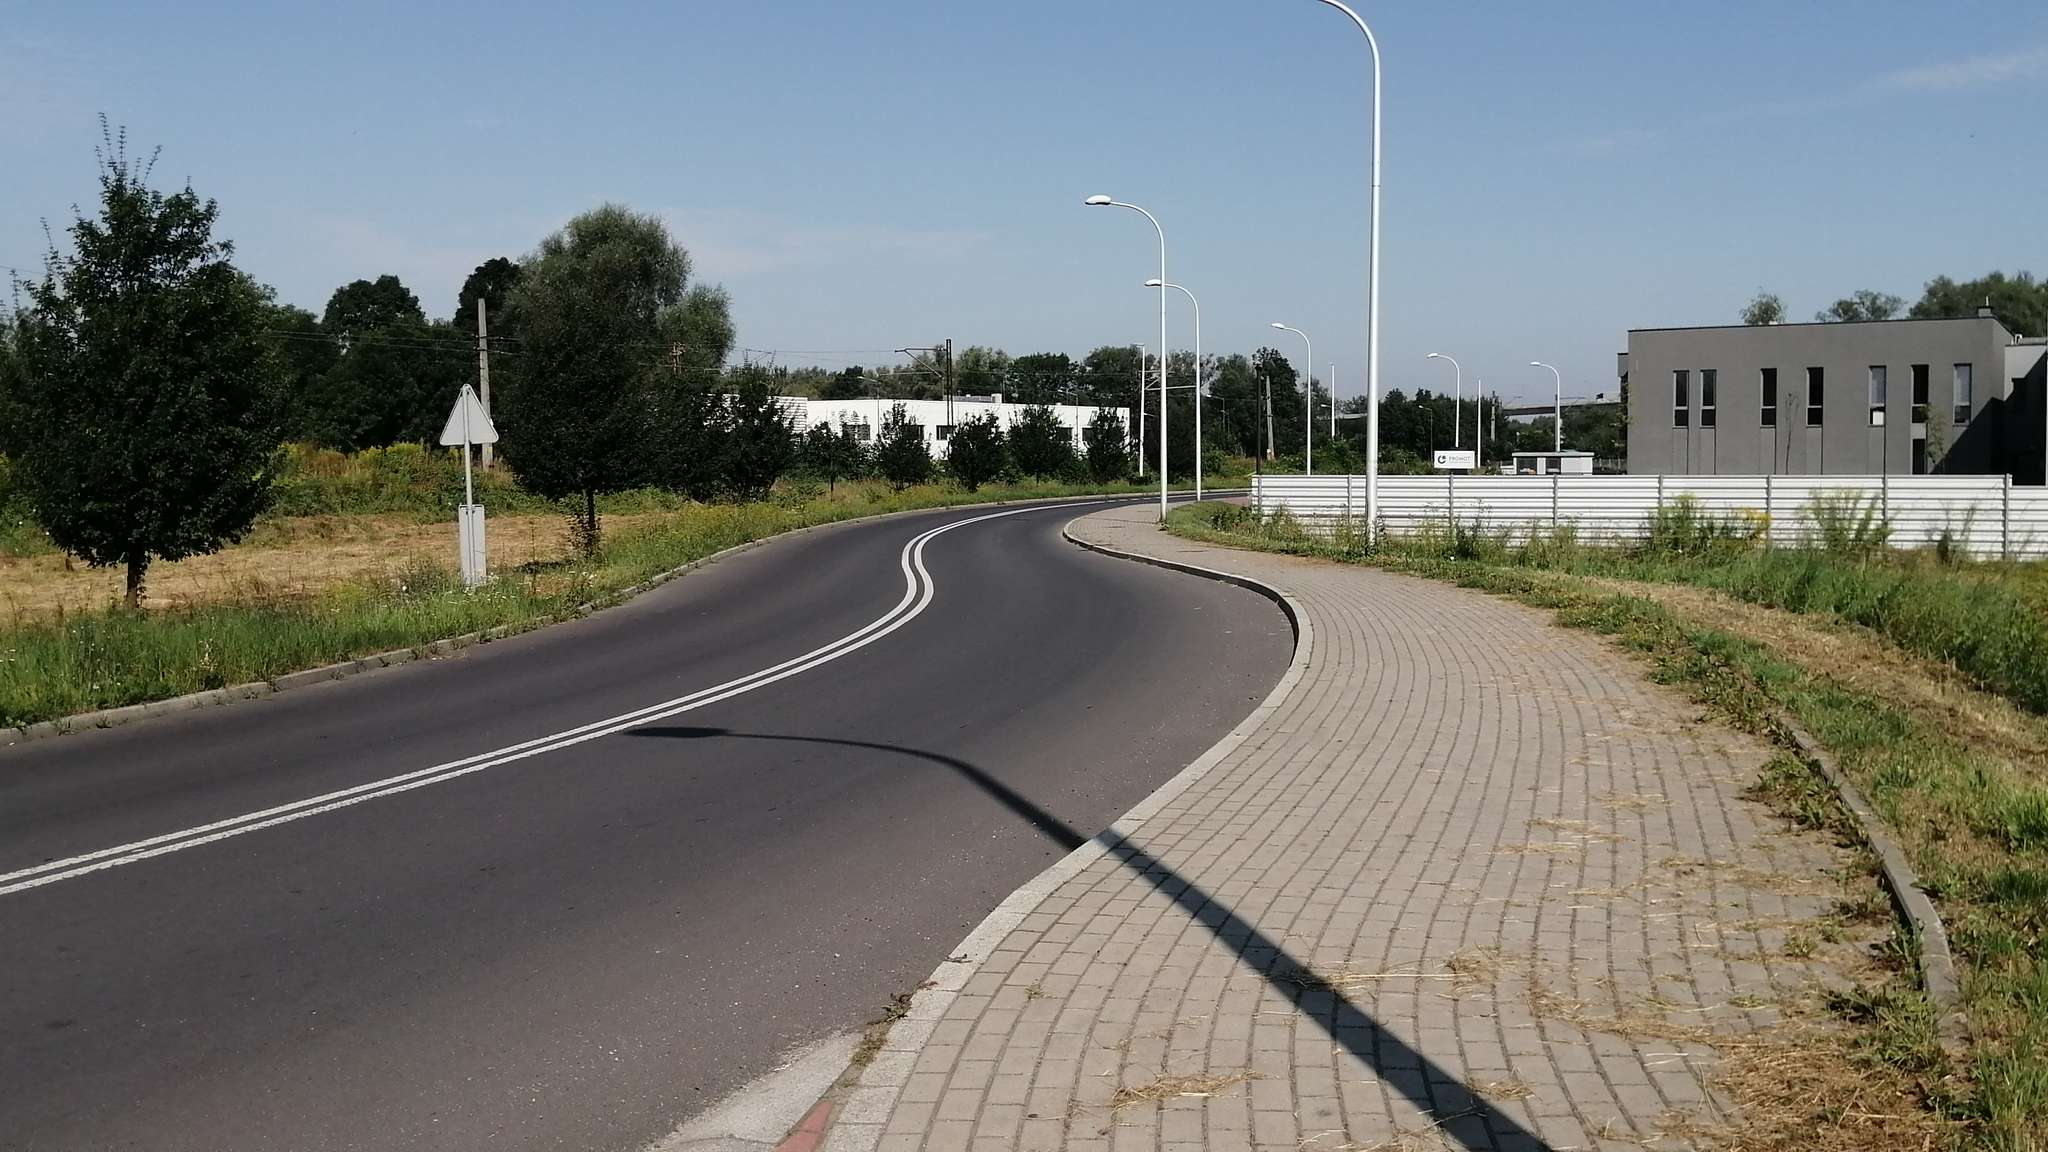 Na ul. Łącznej jest szeroki i słabo użytkowany chodnik, który miał być (lub był) również dopuszczony do użytku przez rowerzystów.